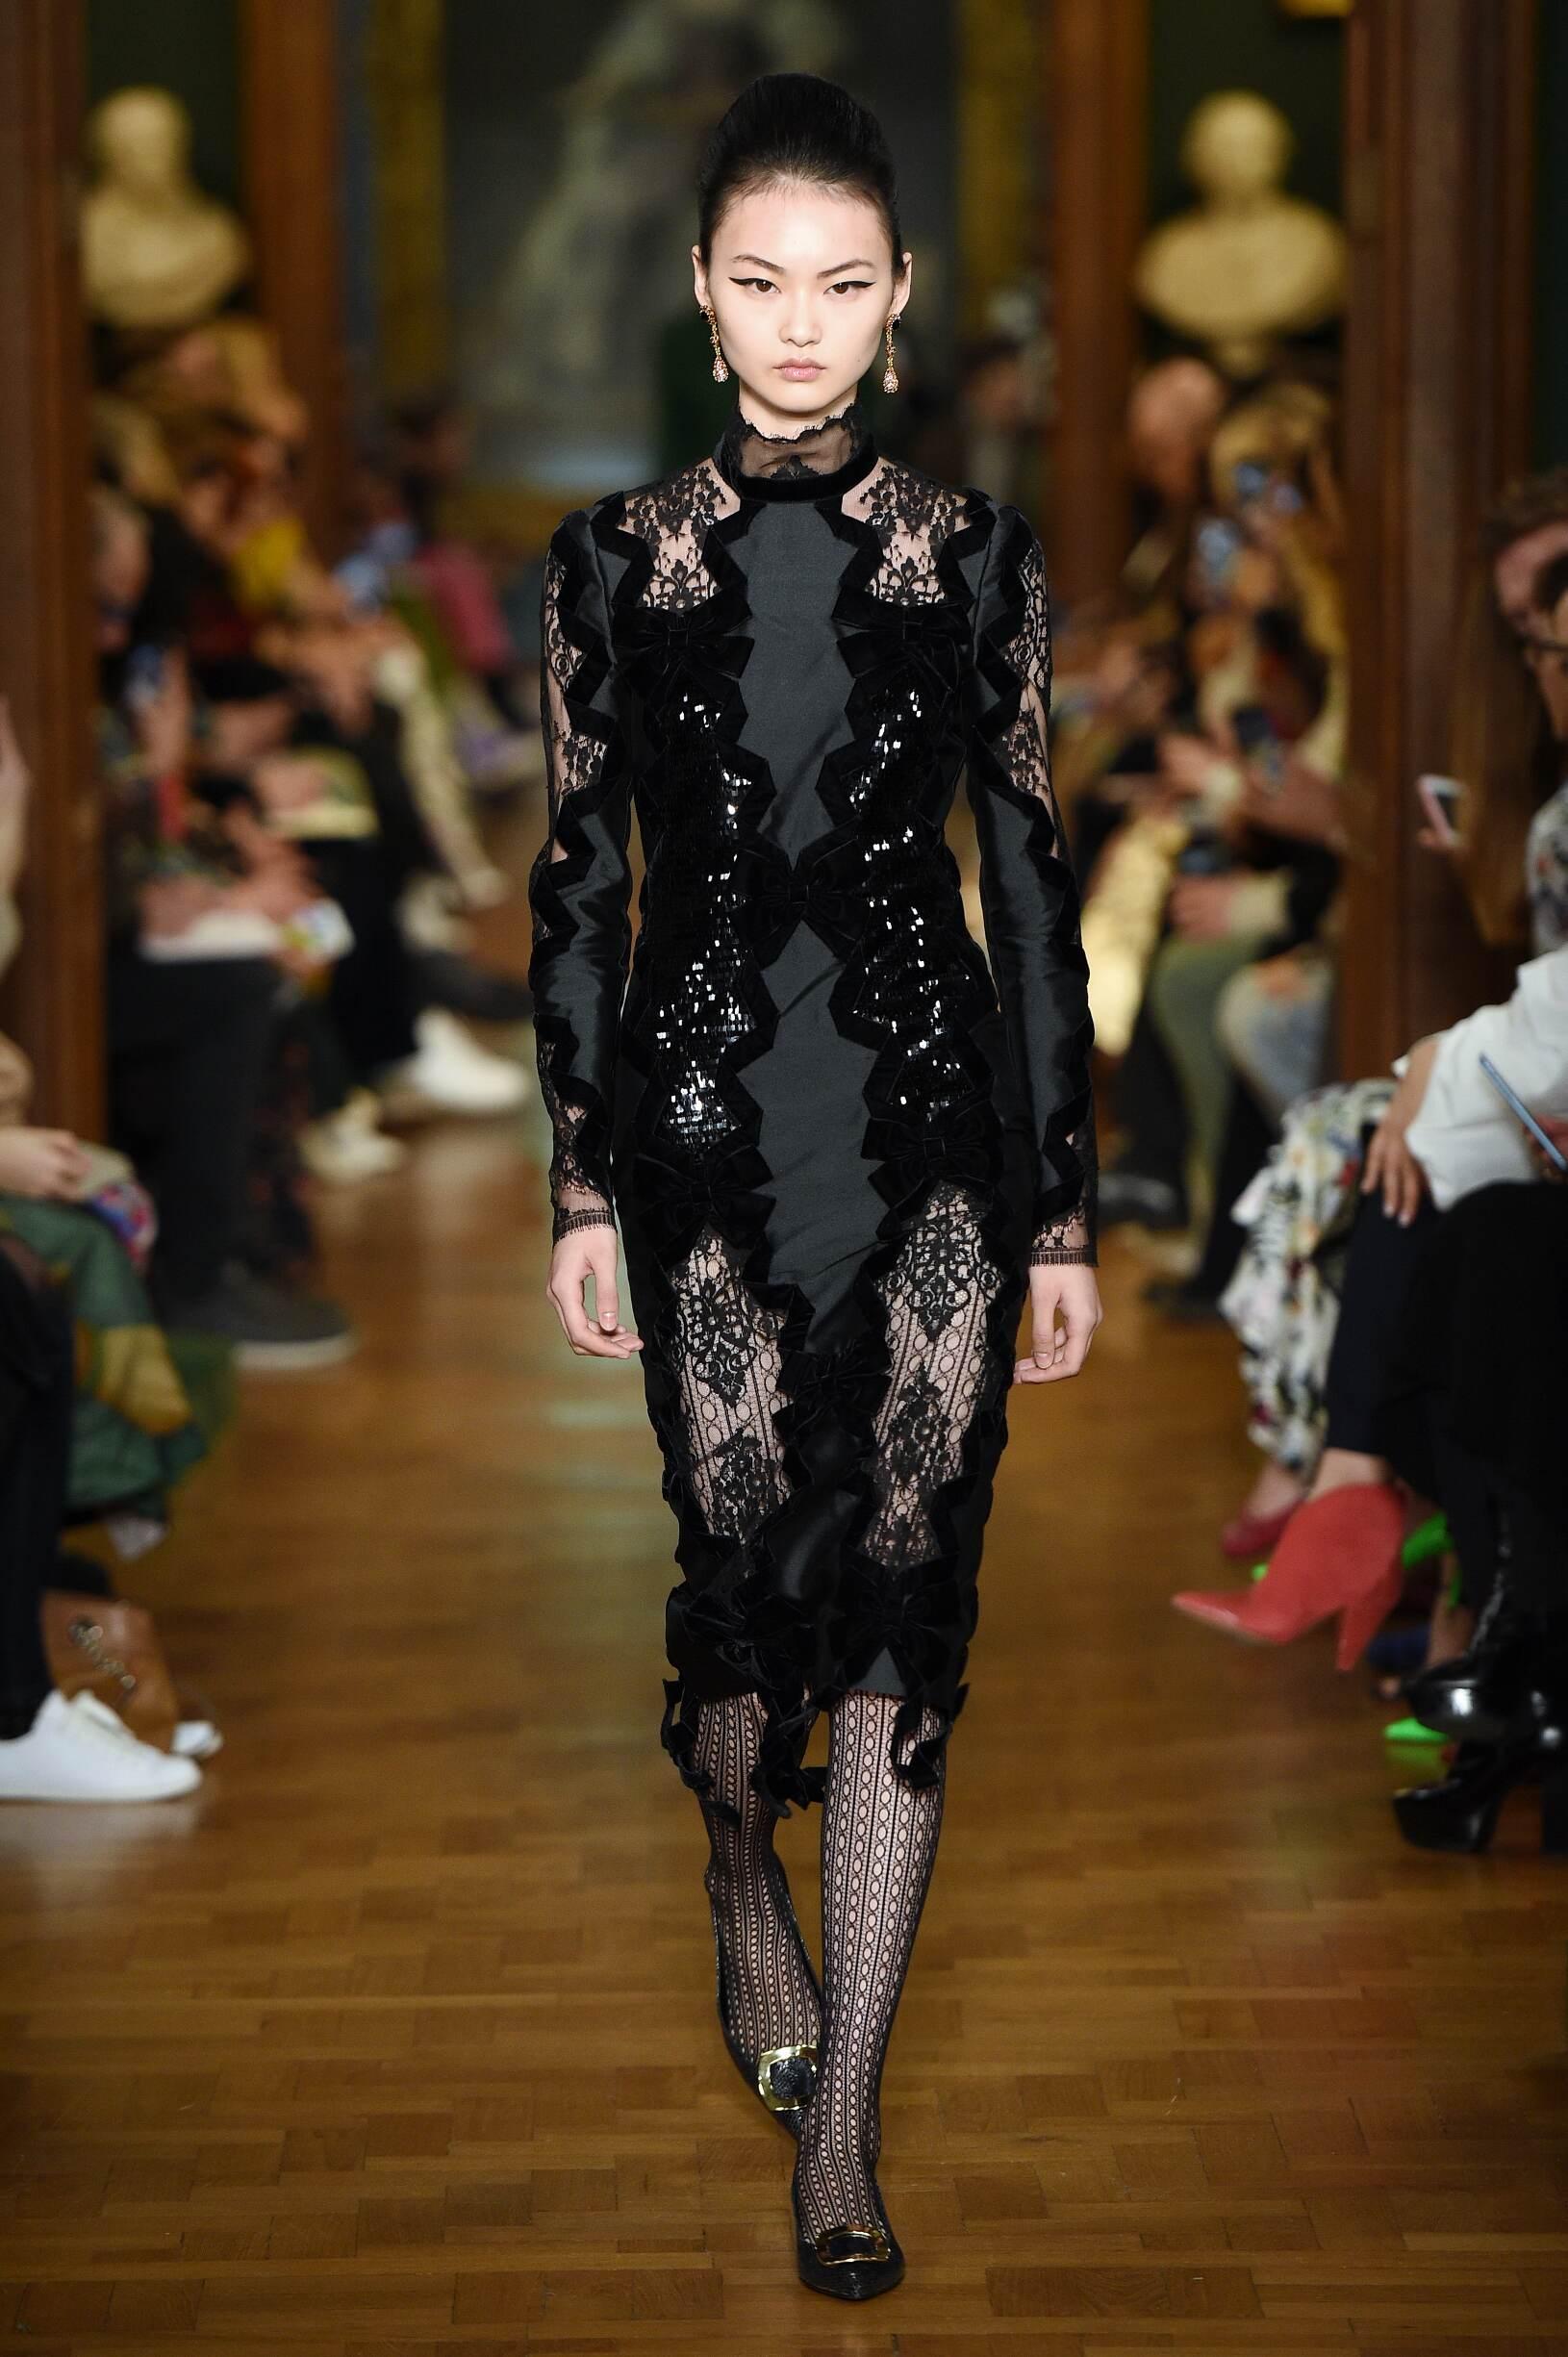 FW 2019-20 Fashion Show Erdem